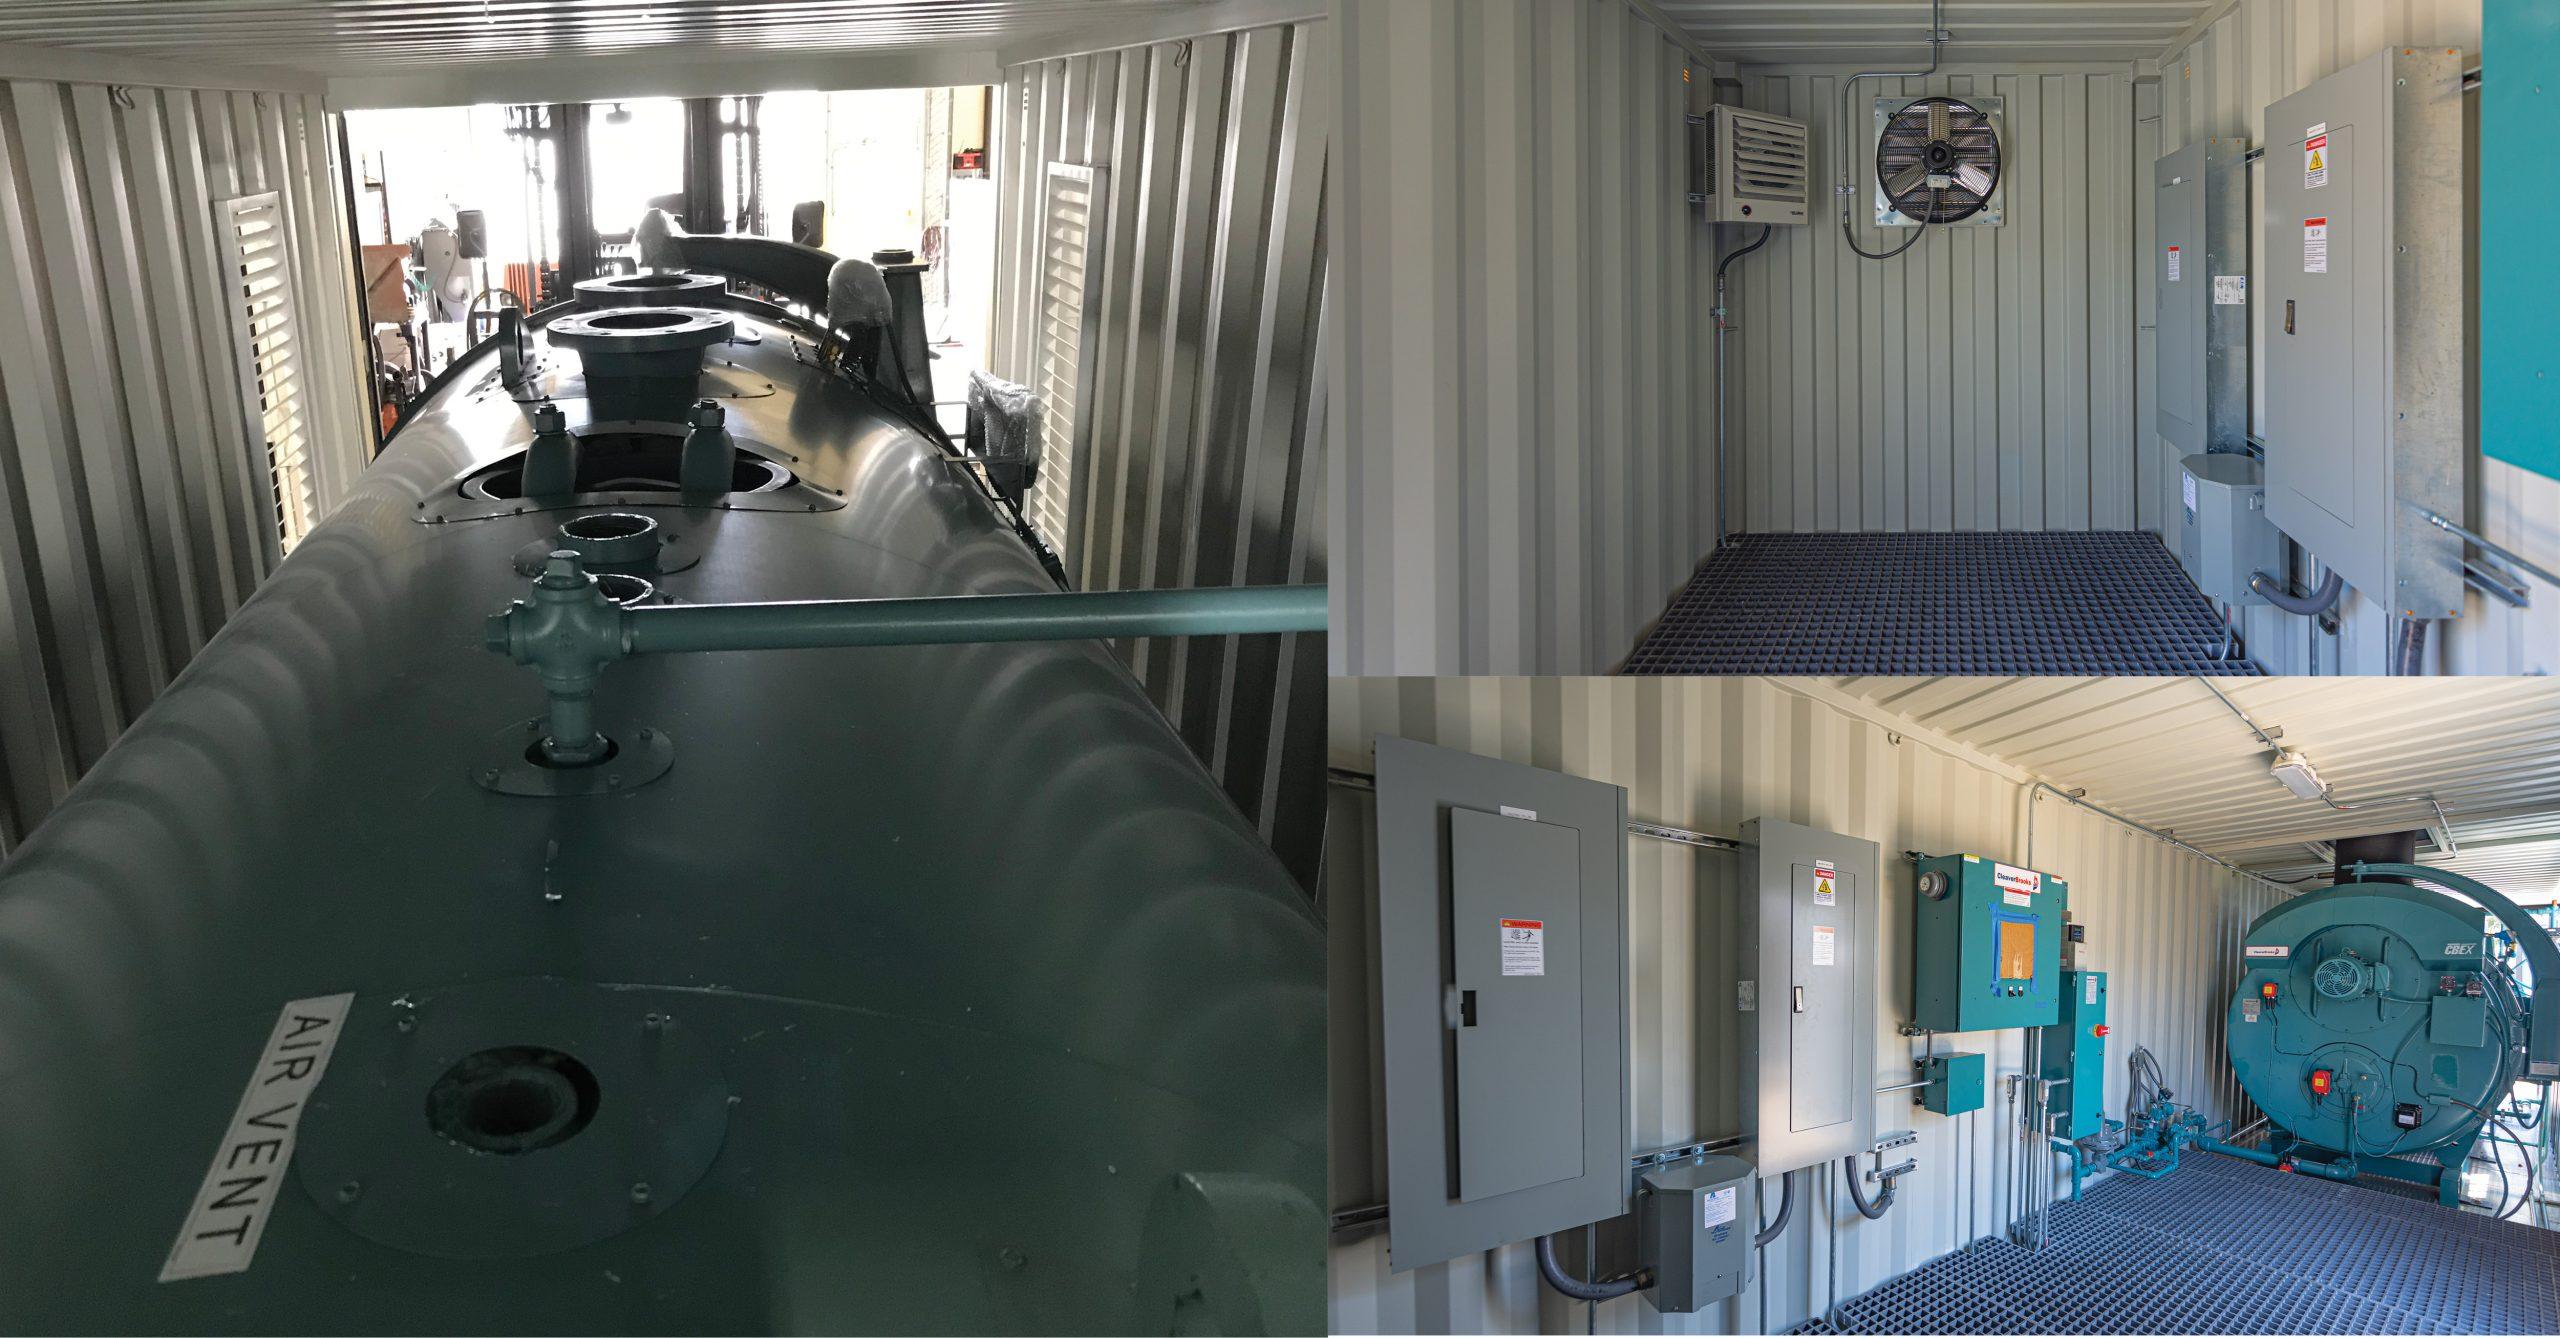 hot water boilers food processing